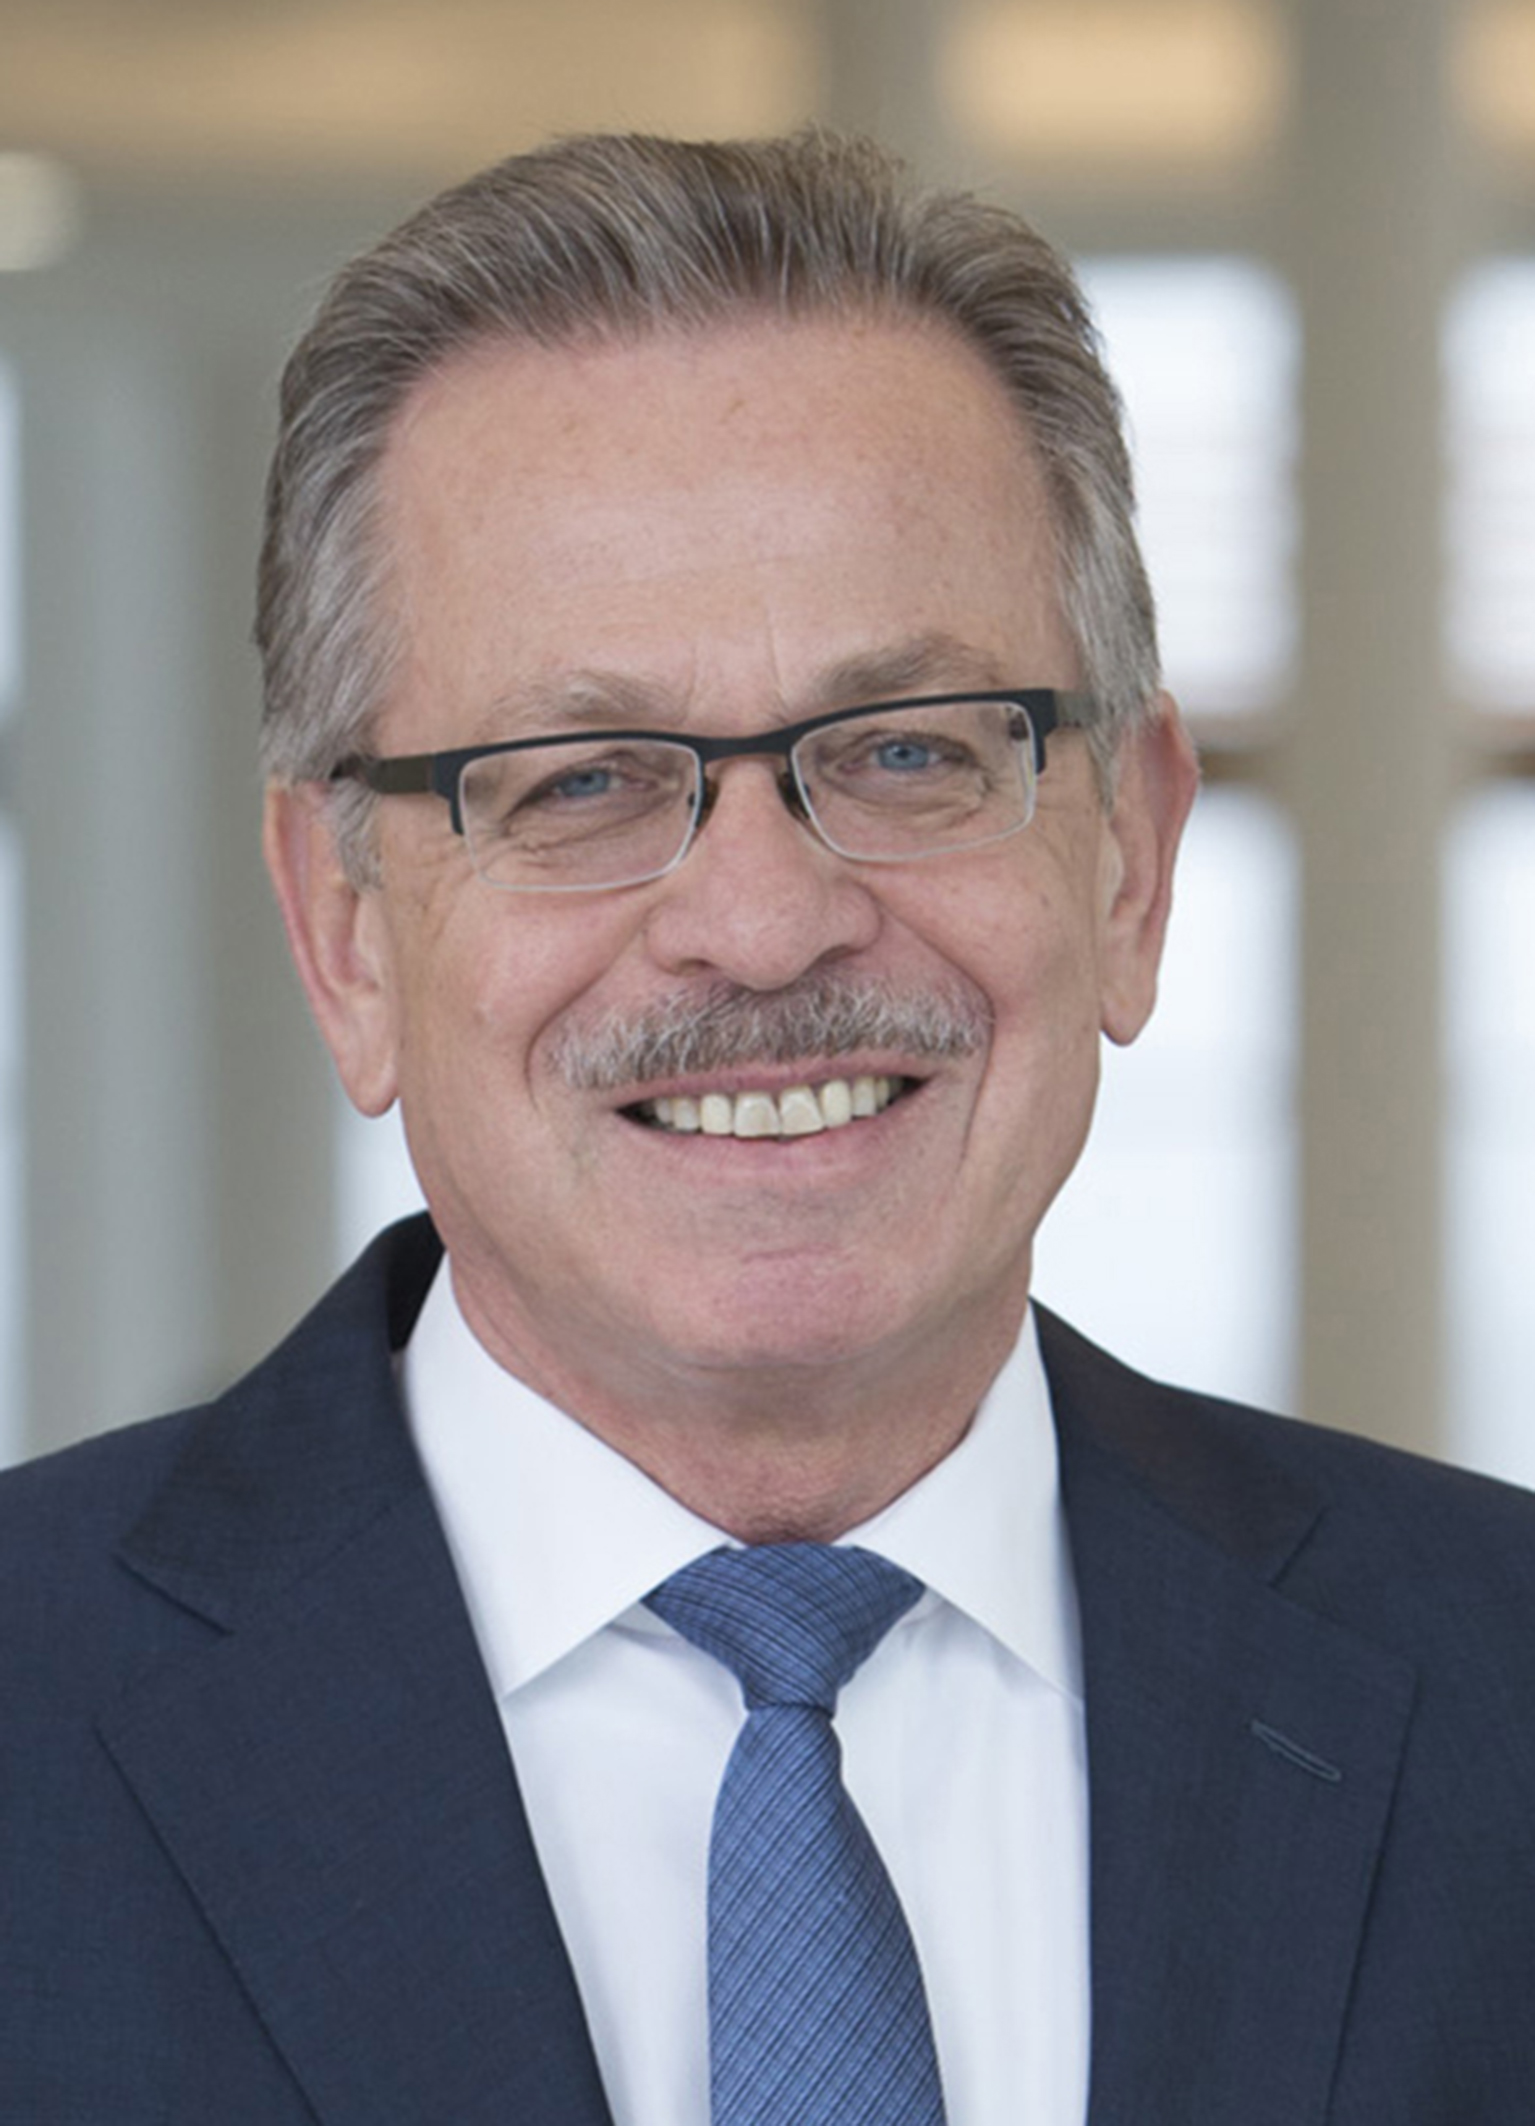 Franz Fehrenbach